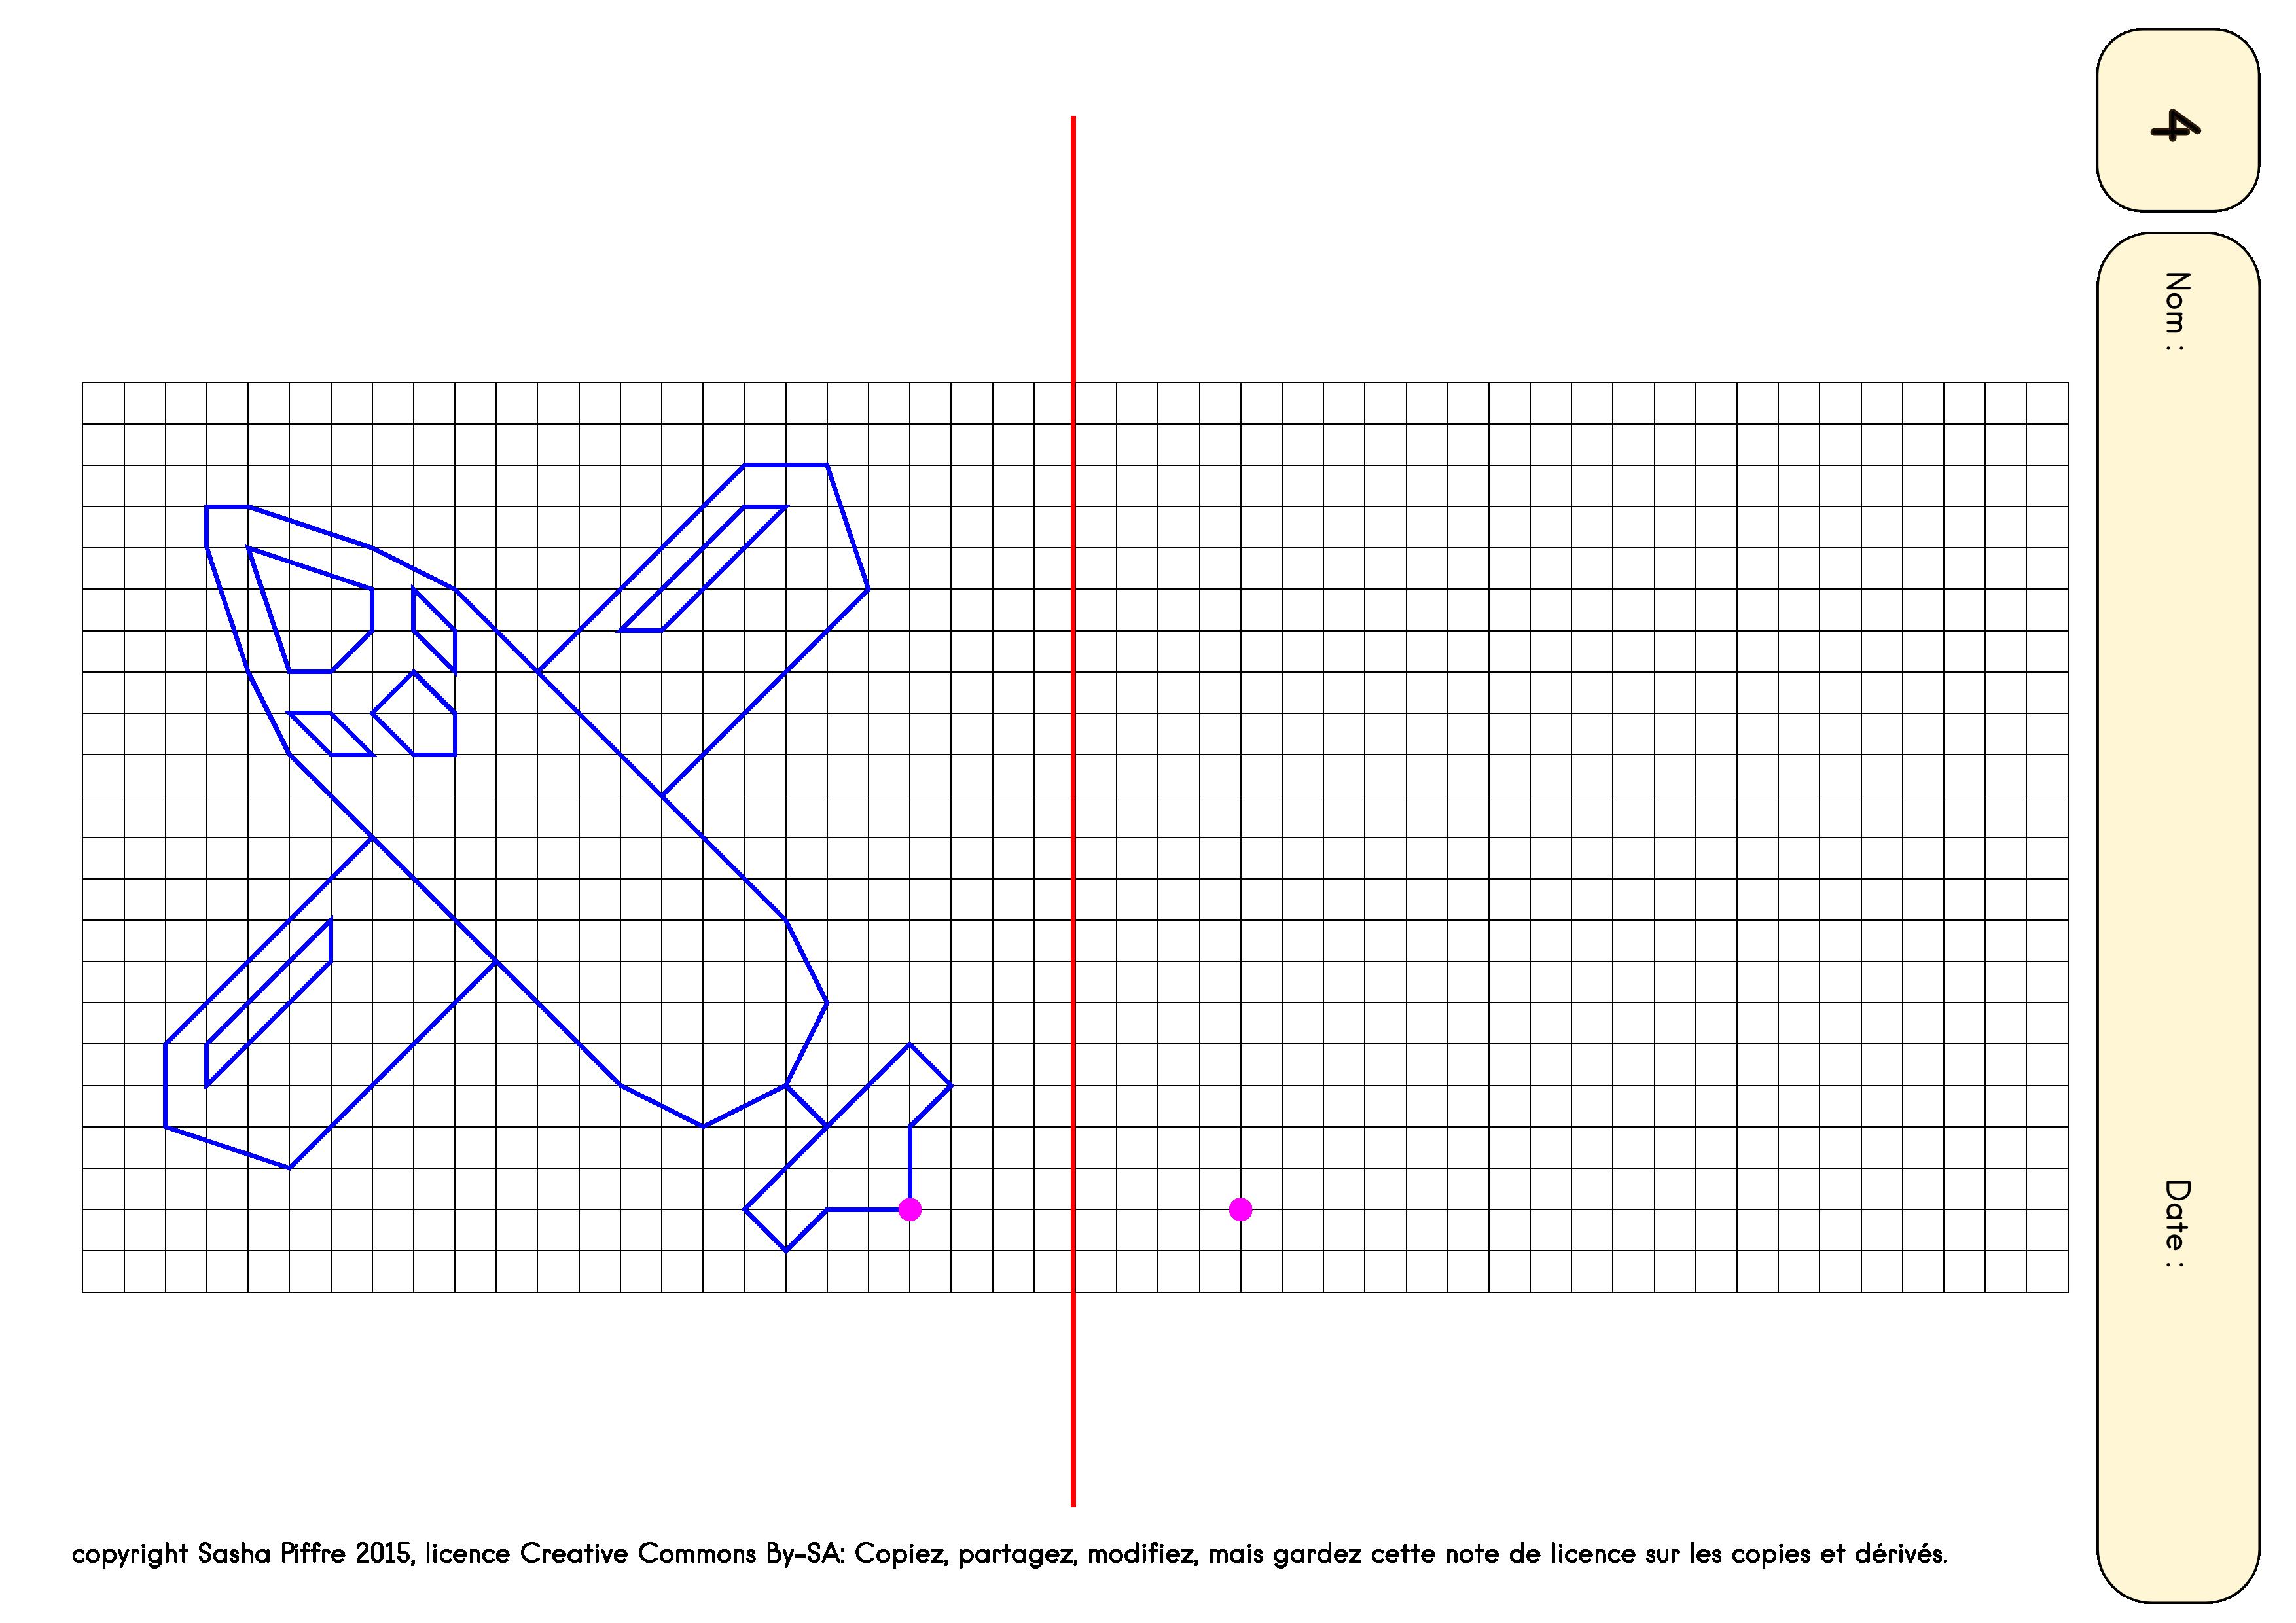 Inkscape fichier de g om trie cycle 3 quatri me fiche j 39 ai compris - Mandalas cycle 3 ...